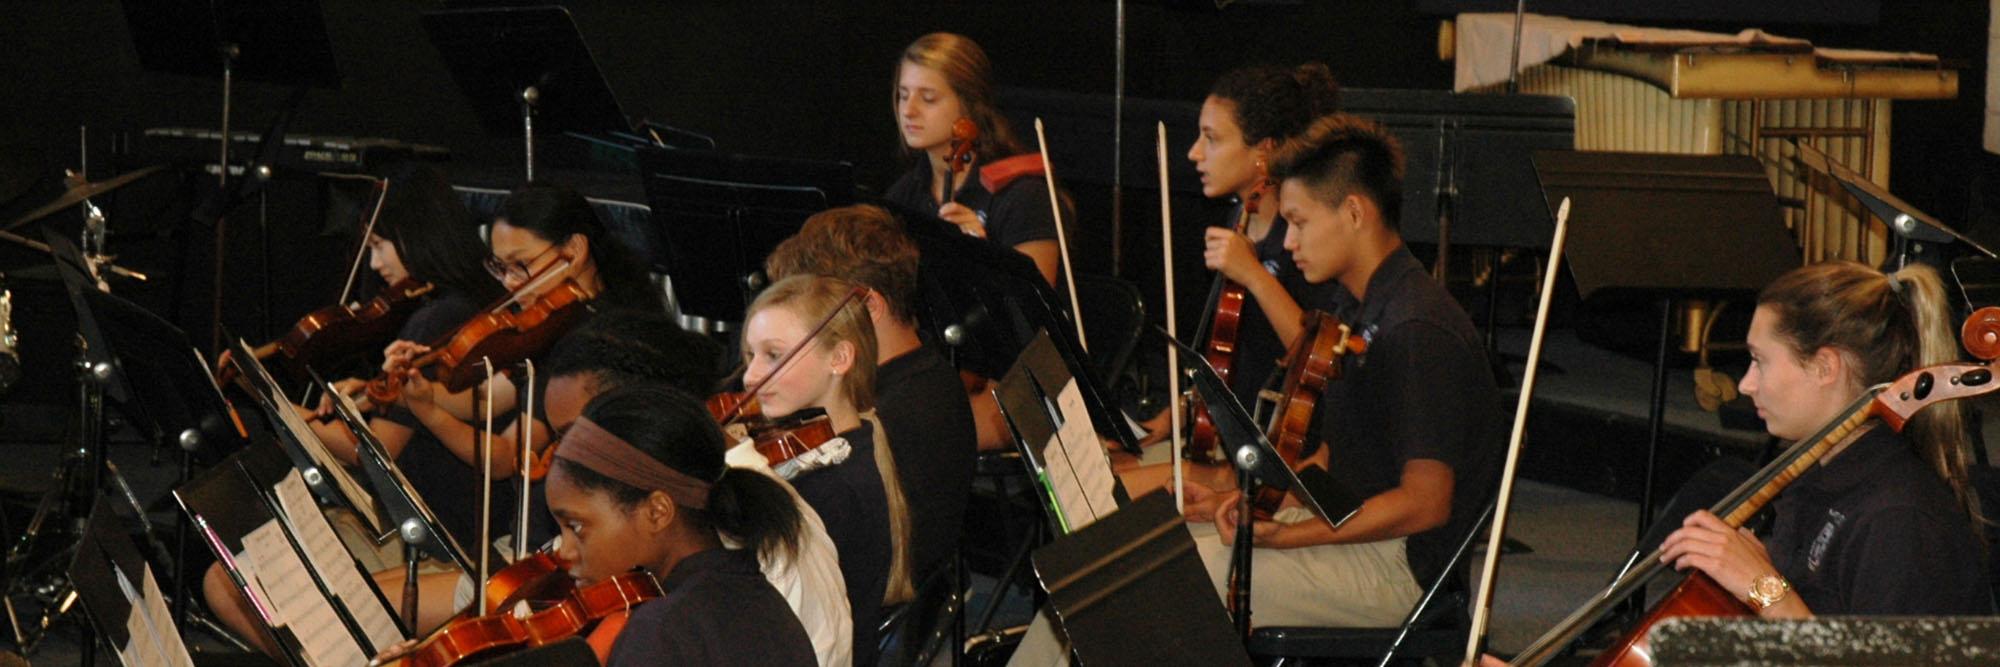 4-Band